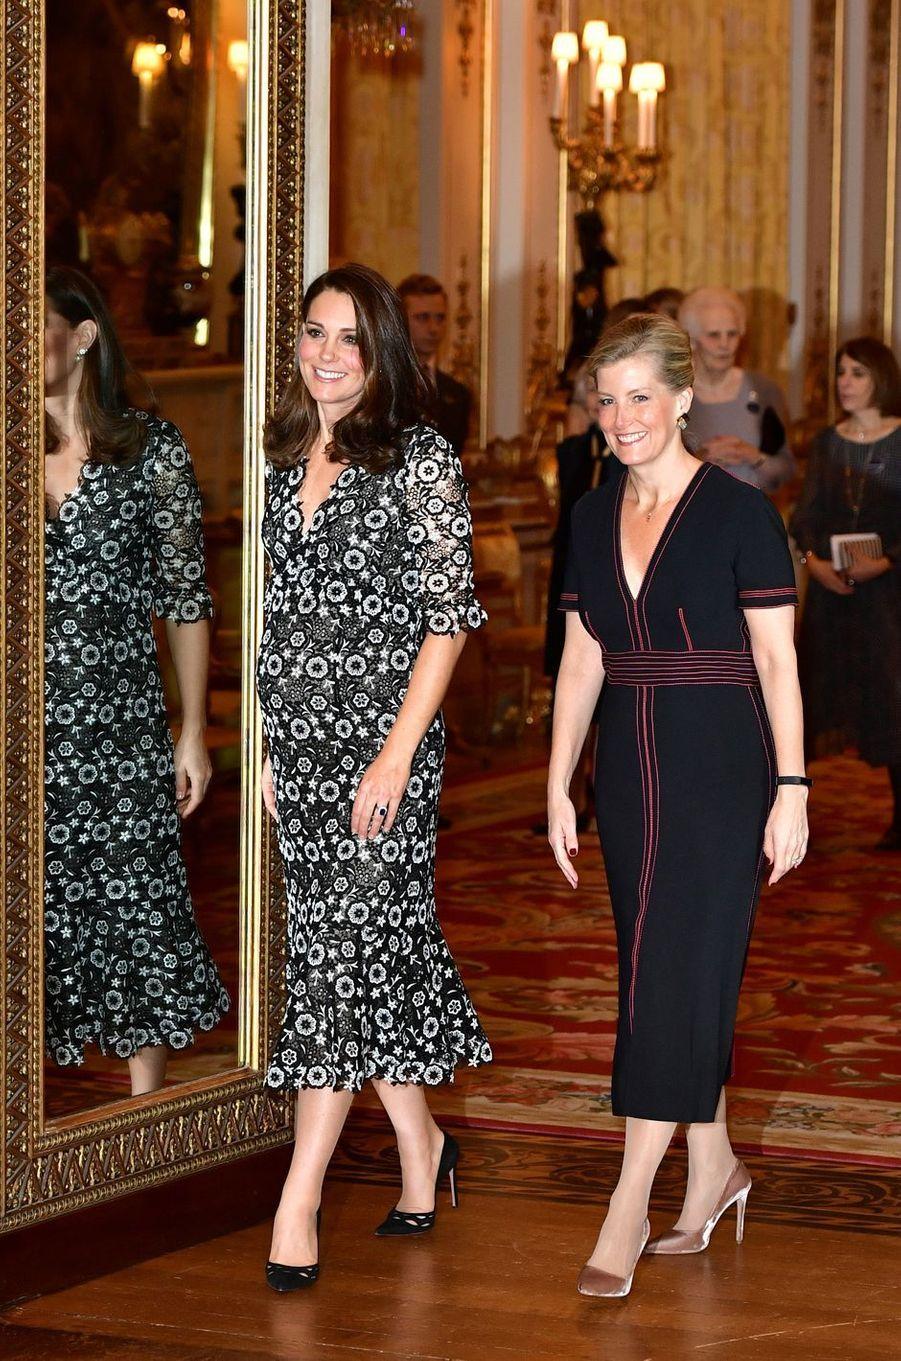 La duchesse Catherine de Cambridge et la comtesse Sophie de Wessex à Buckingham Palace à Londres, le 19 février 2018